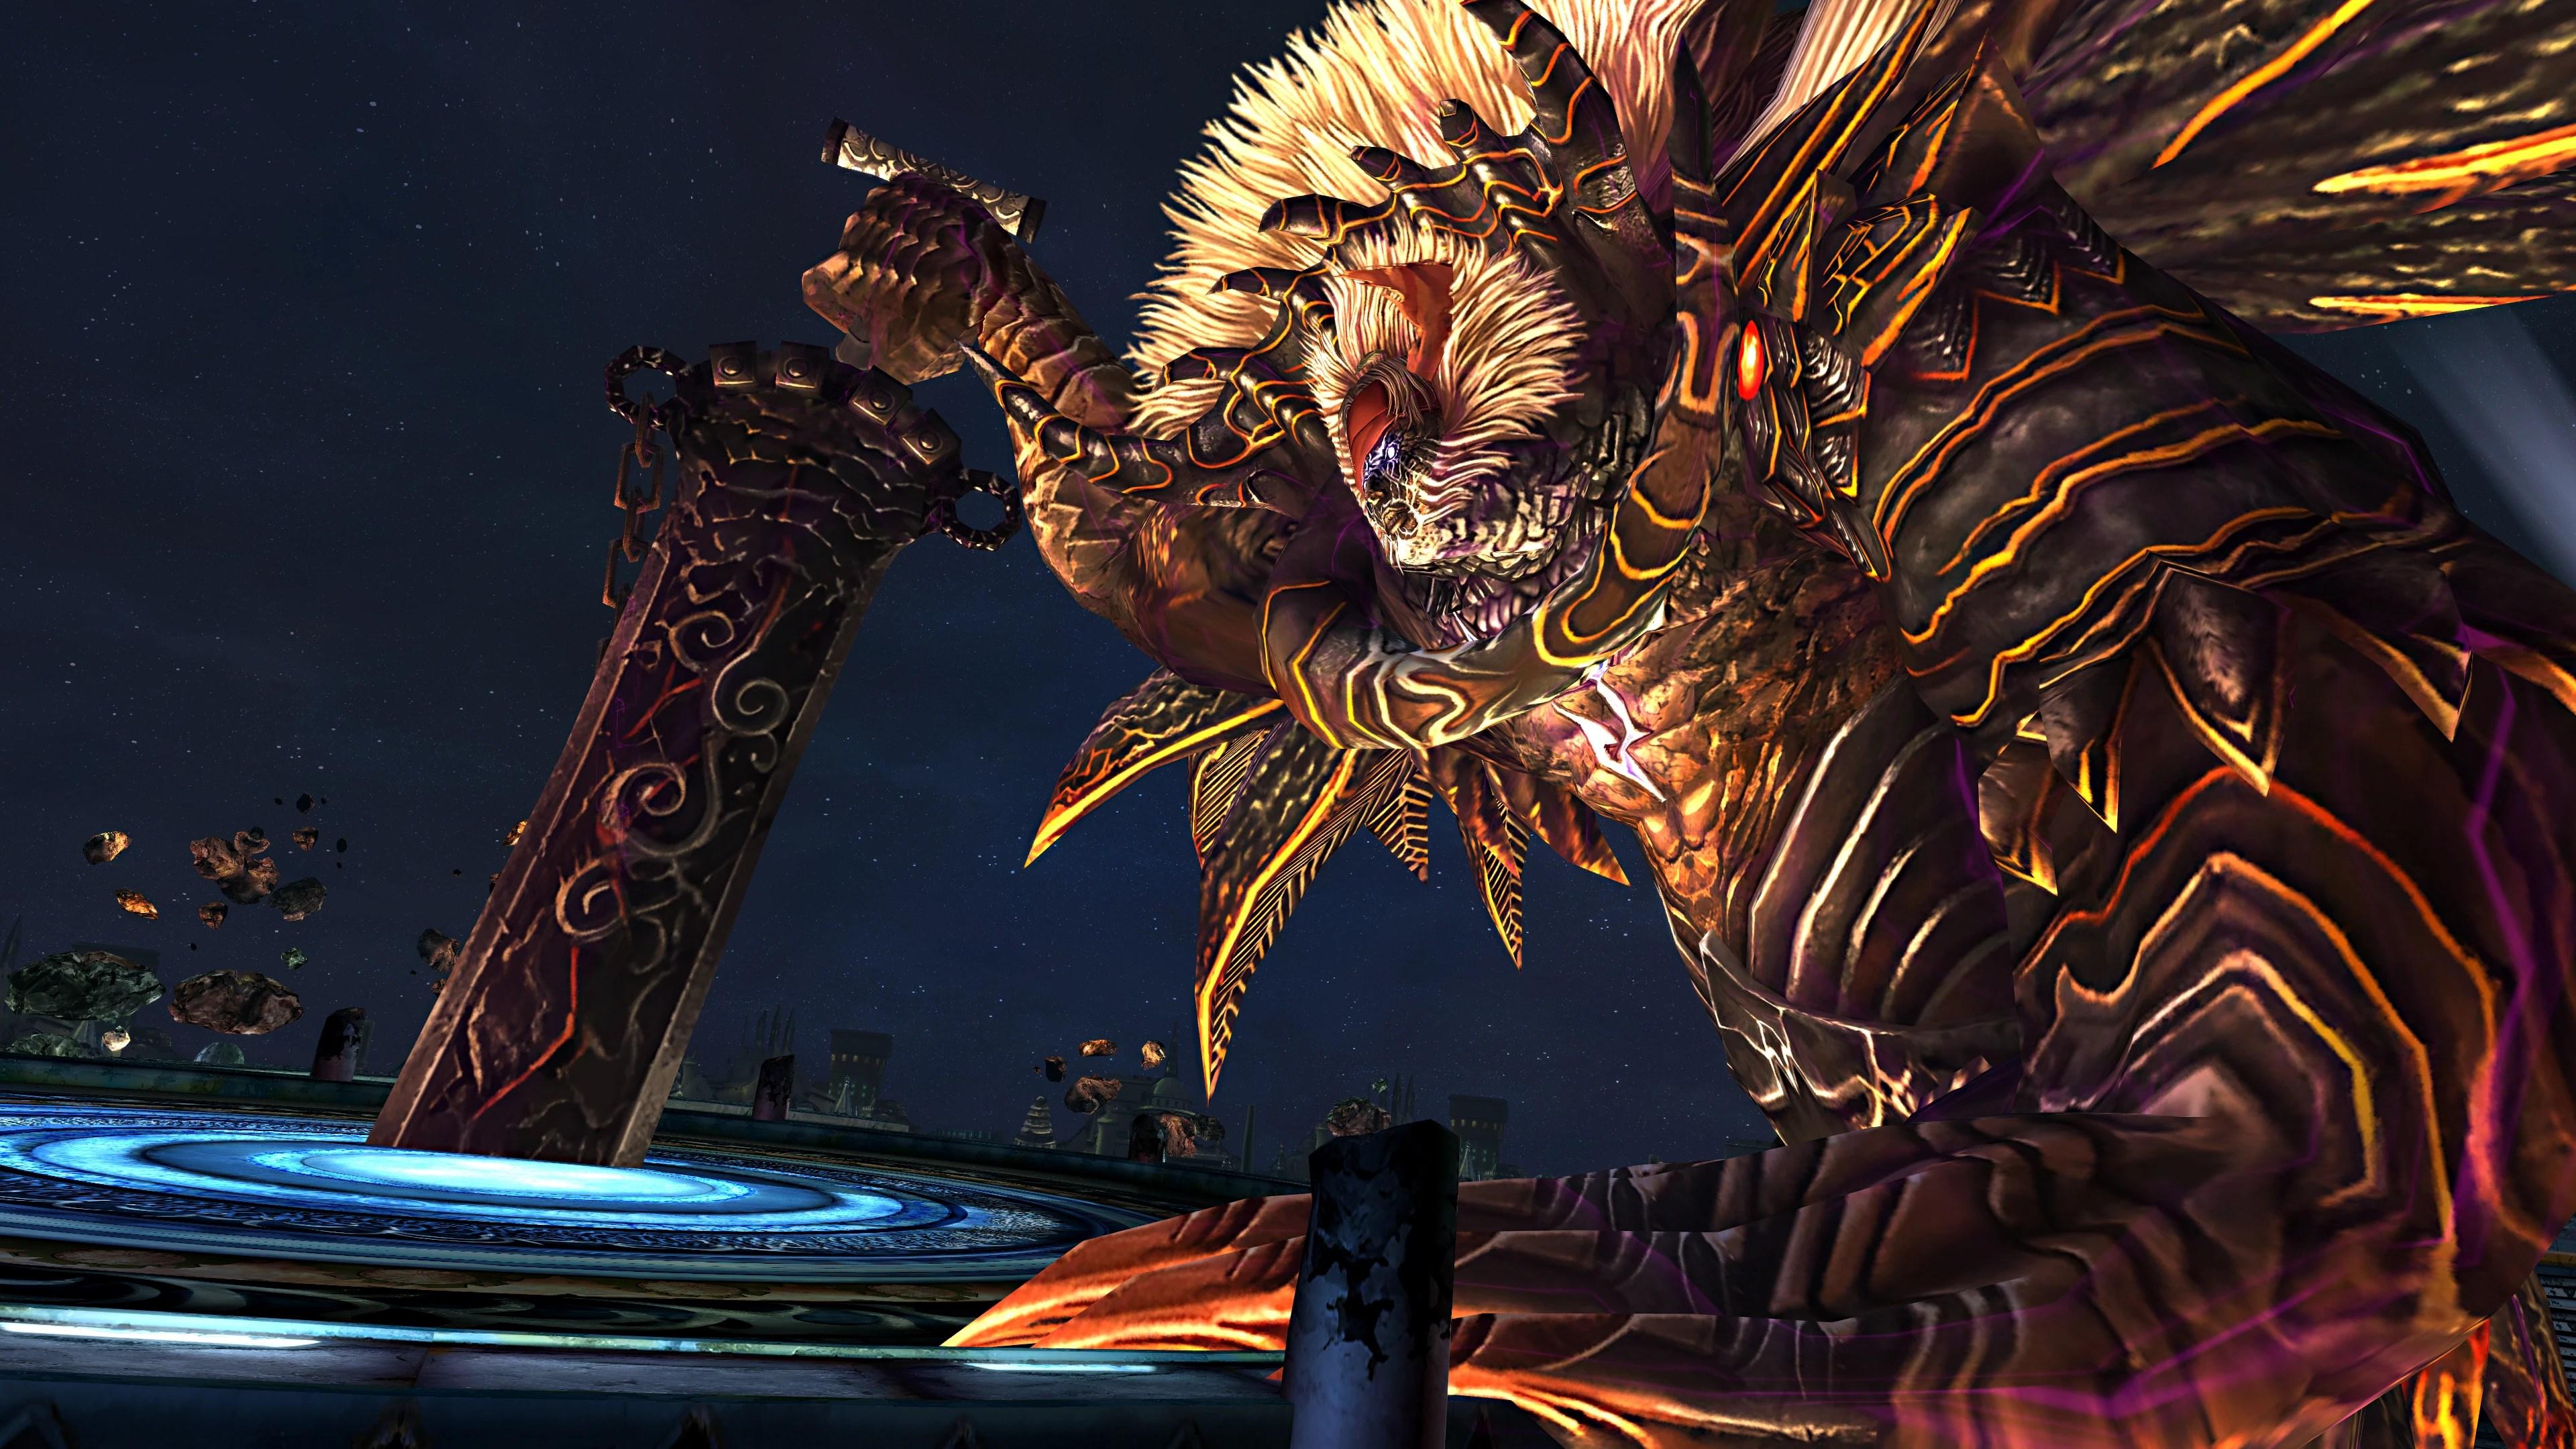 Braskas Final Aeon Final Fantasy X Final Fantasy Wiki FANDOM Powered By Wikia